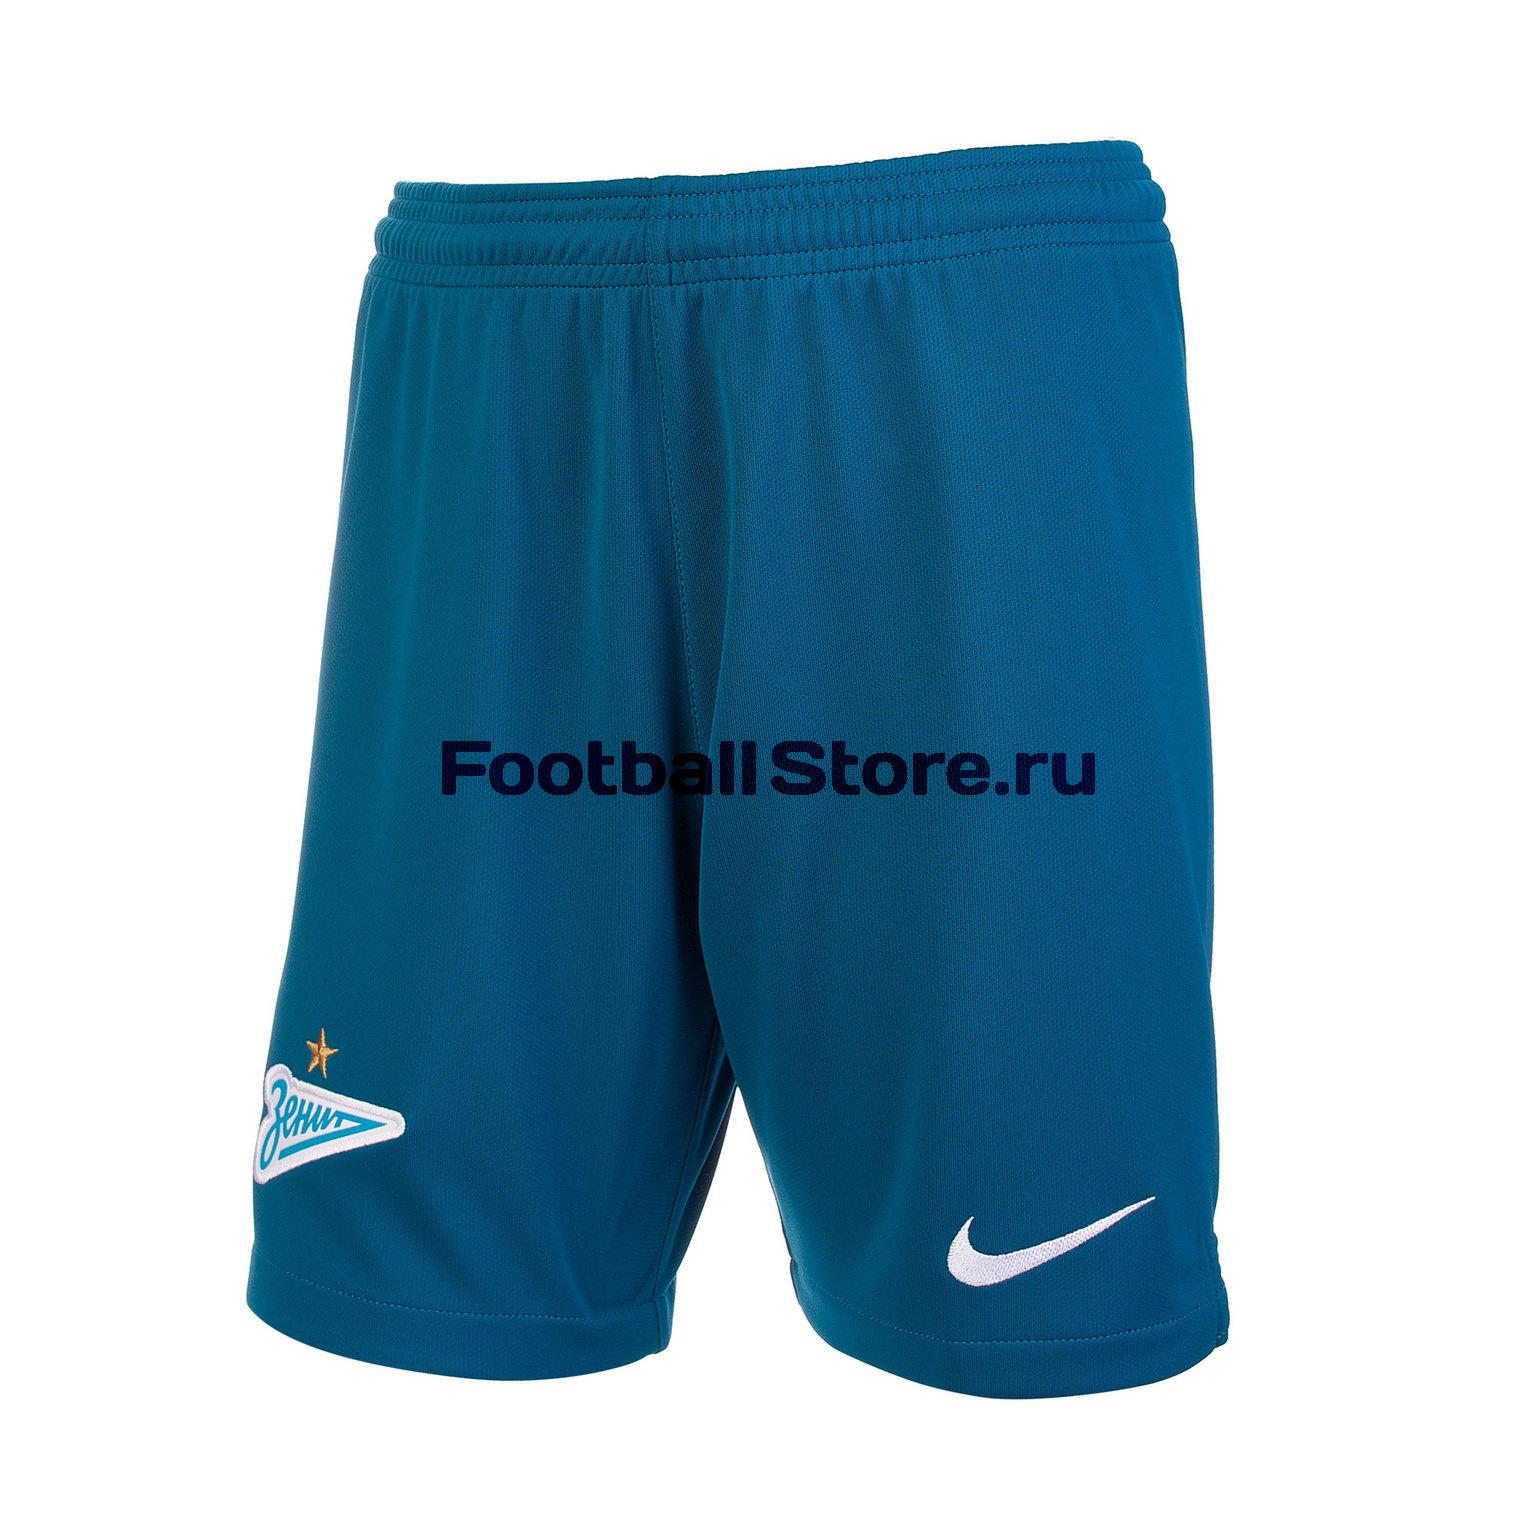 Фото - Шорты подростковые домашние Nike ФК Зенит 2019/20 шорты домашние oysho oysho ix001xw0075y